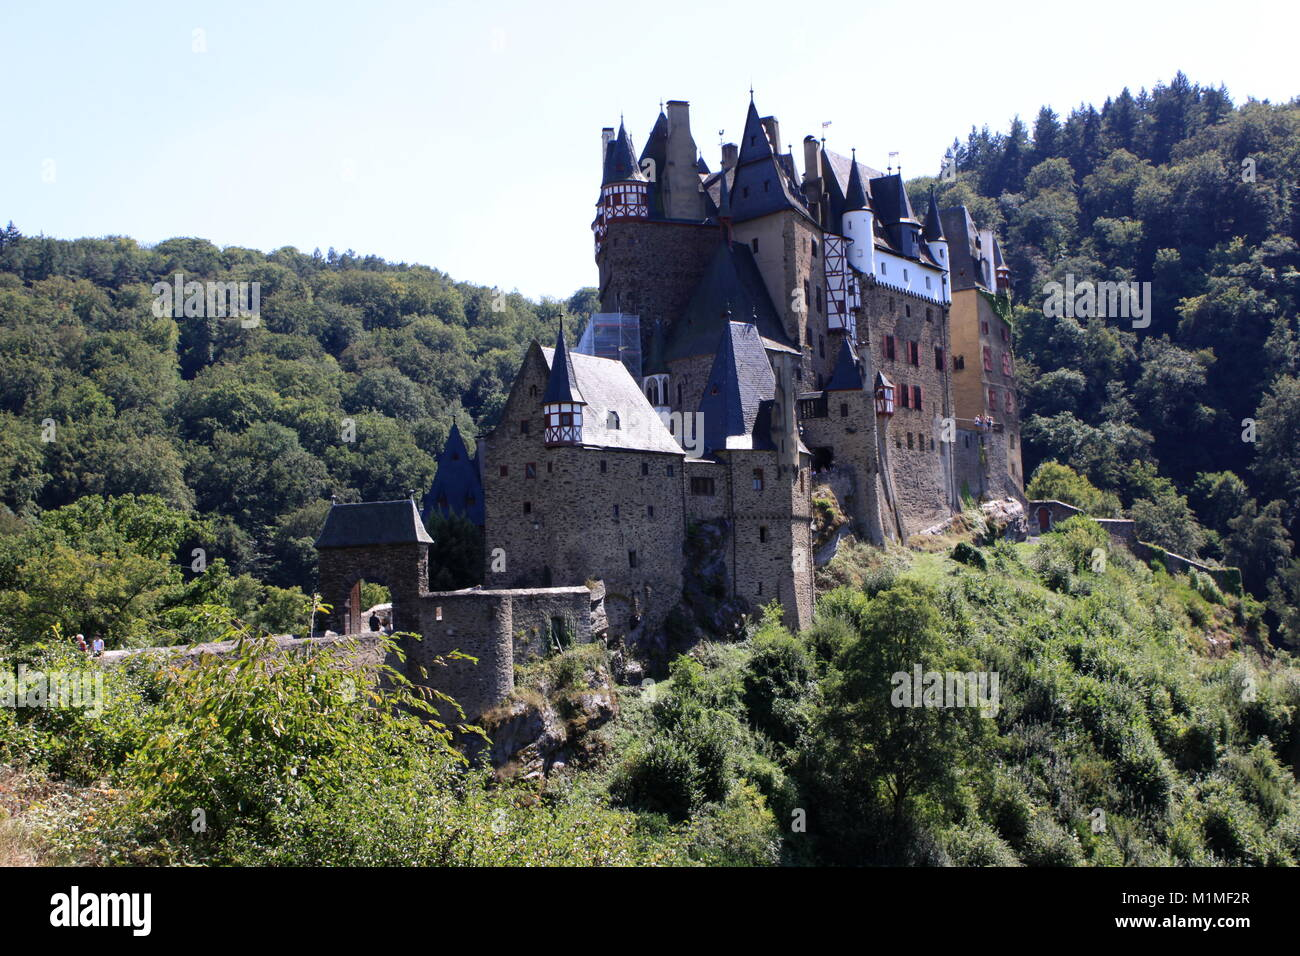 Burg Eltz Castle, Trier, Castle Germany - Stock Image